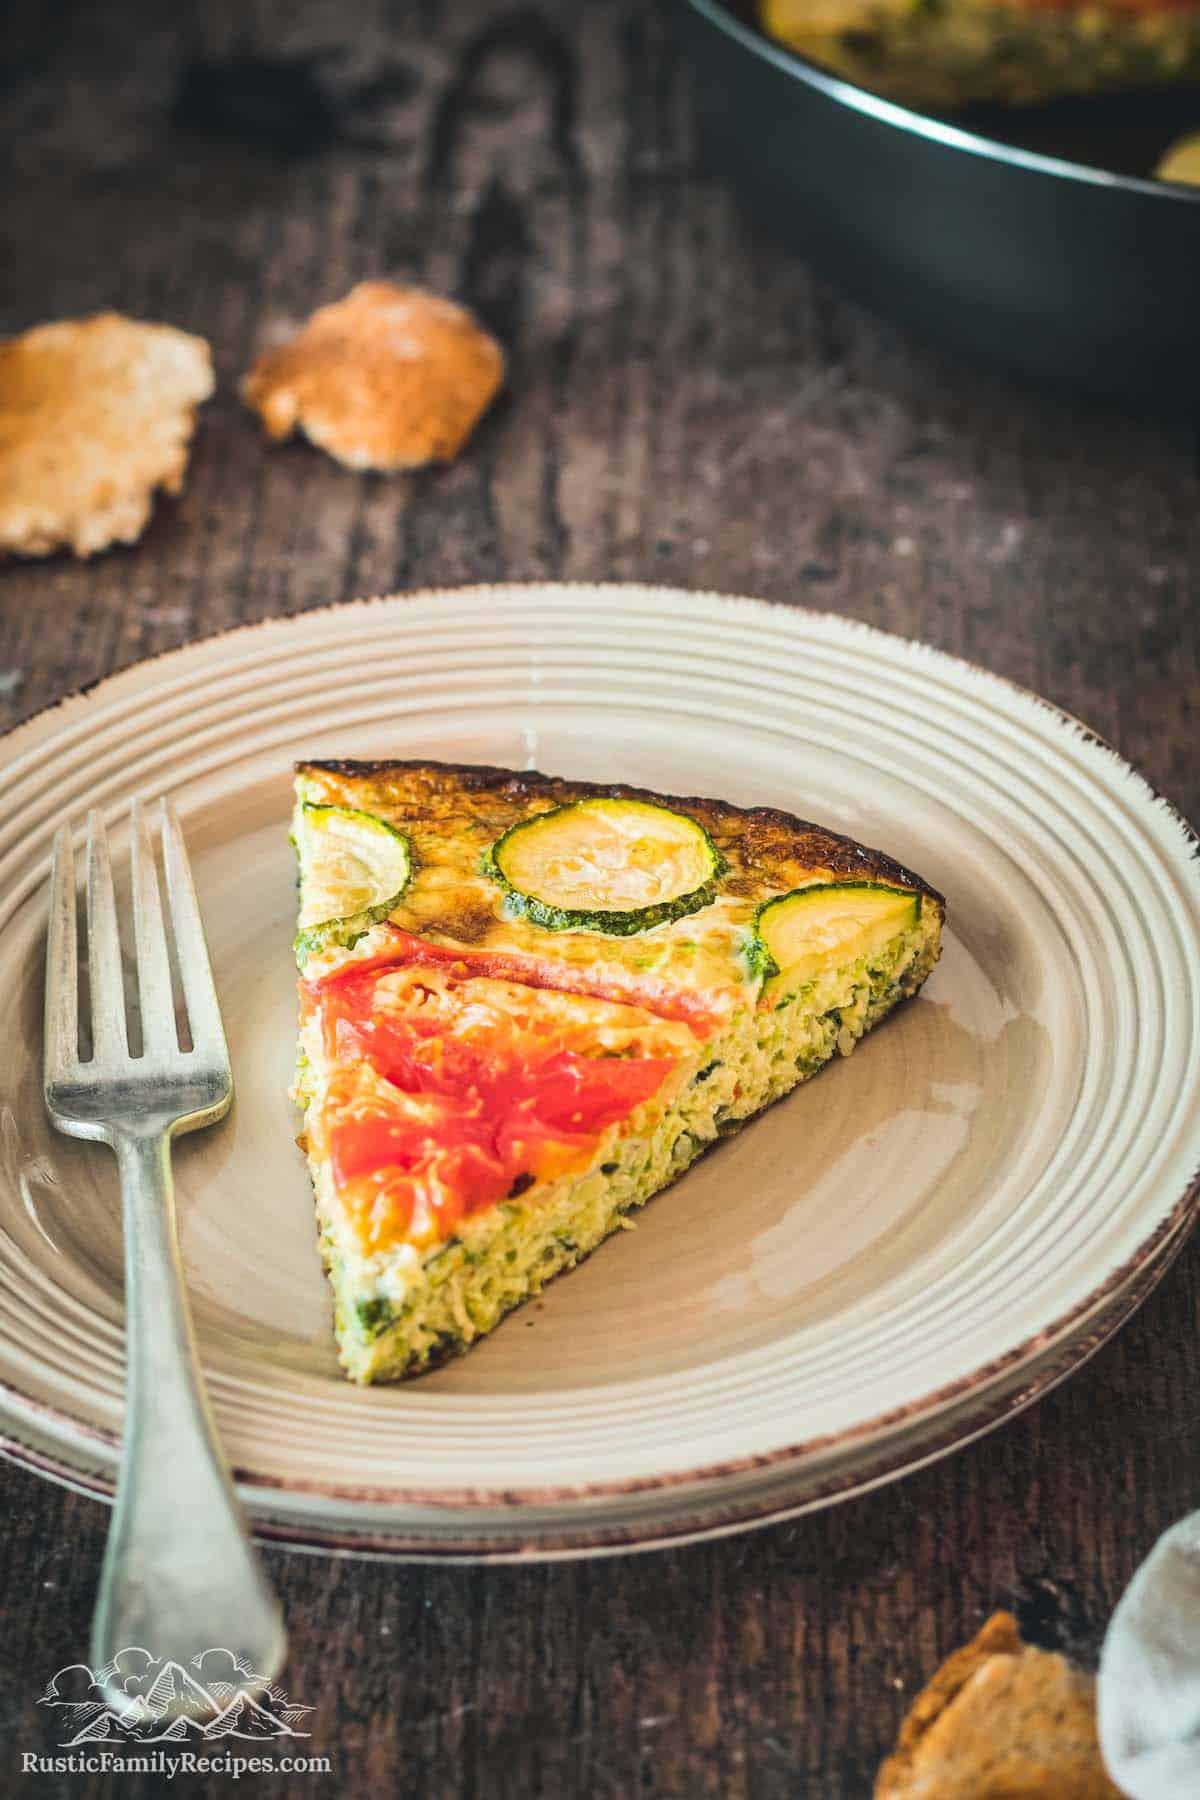 Slice of zucchini quiche on a white plate